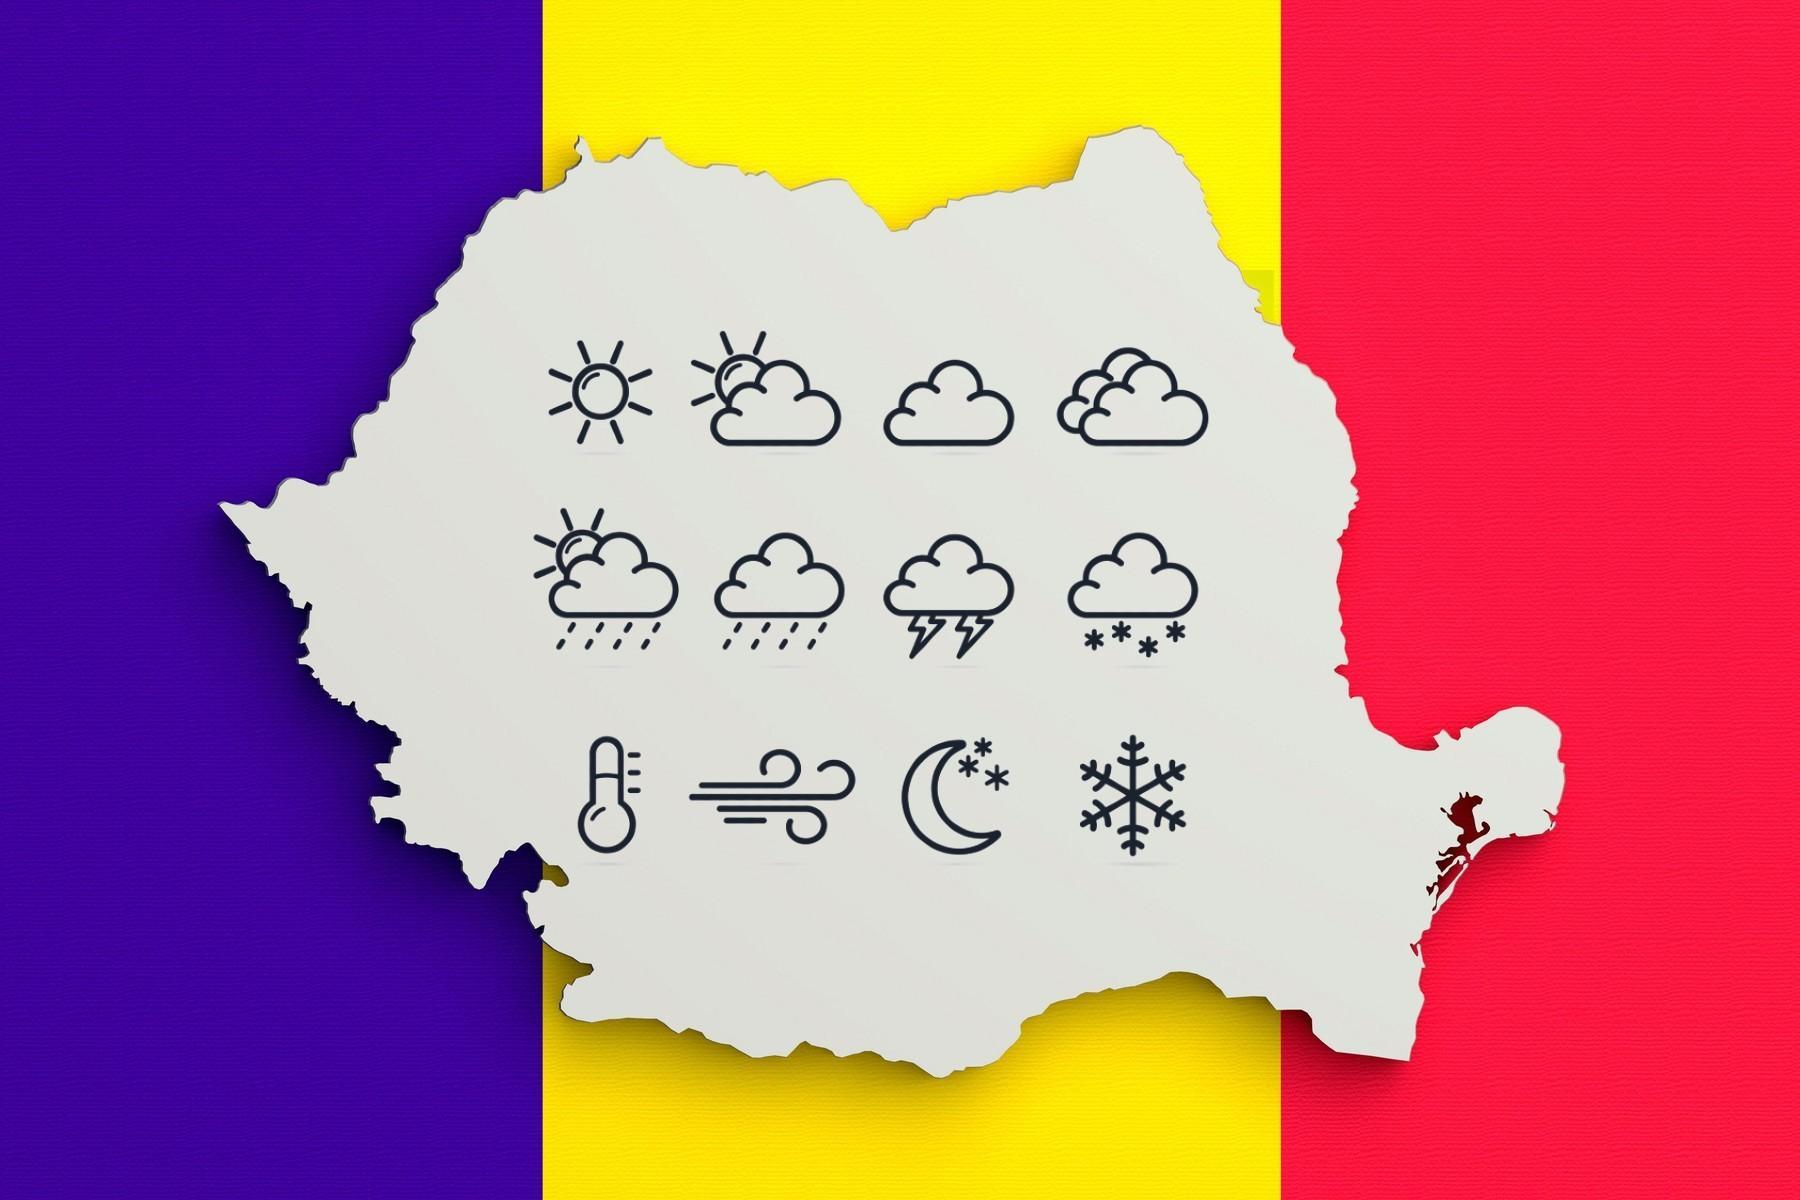 Prognoza meteo 28 ianuarie 2021. Cum e vremea în România și care sunt previziunile ANM pentru astăzi